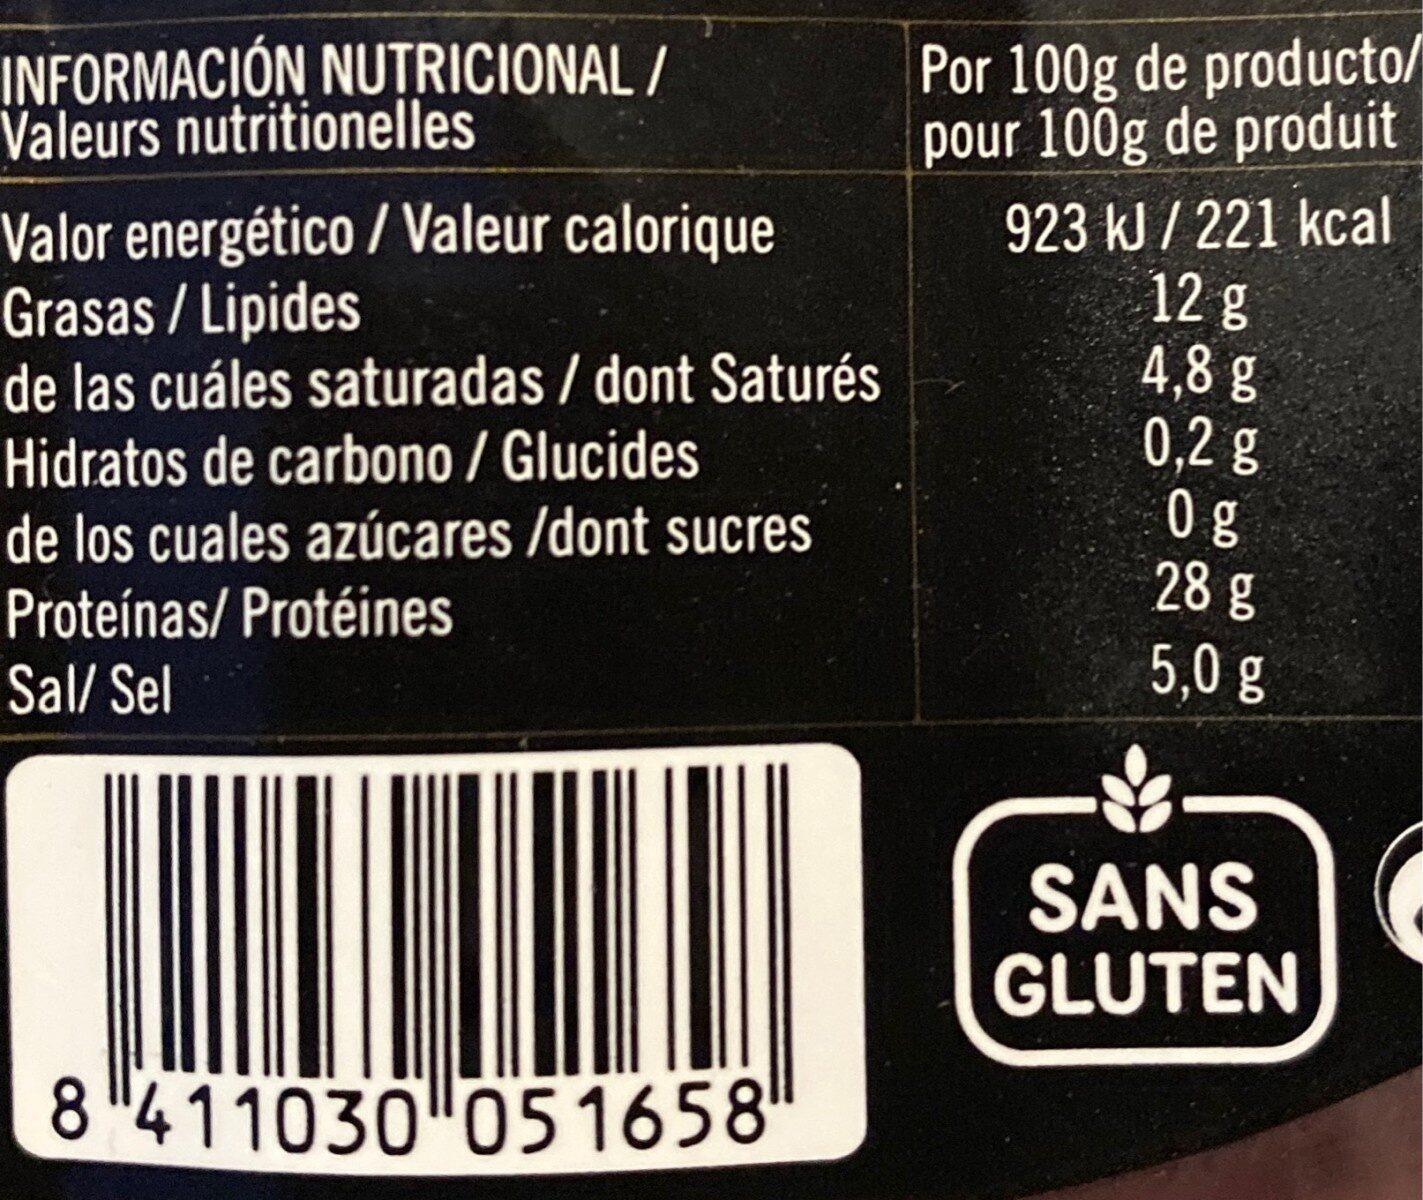 Jamón serrano - Nutrition facts - fr